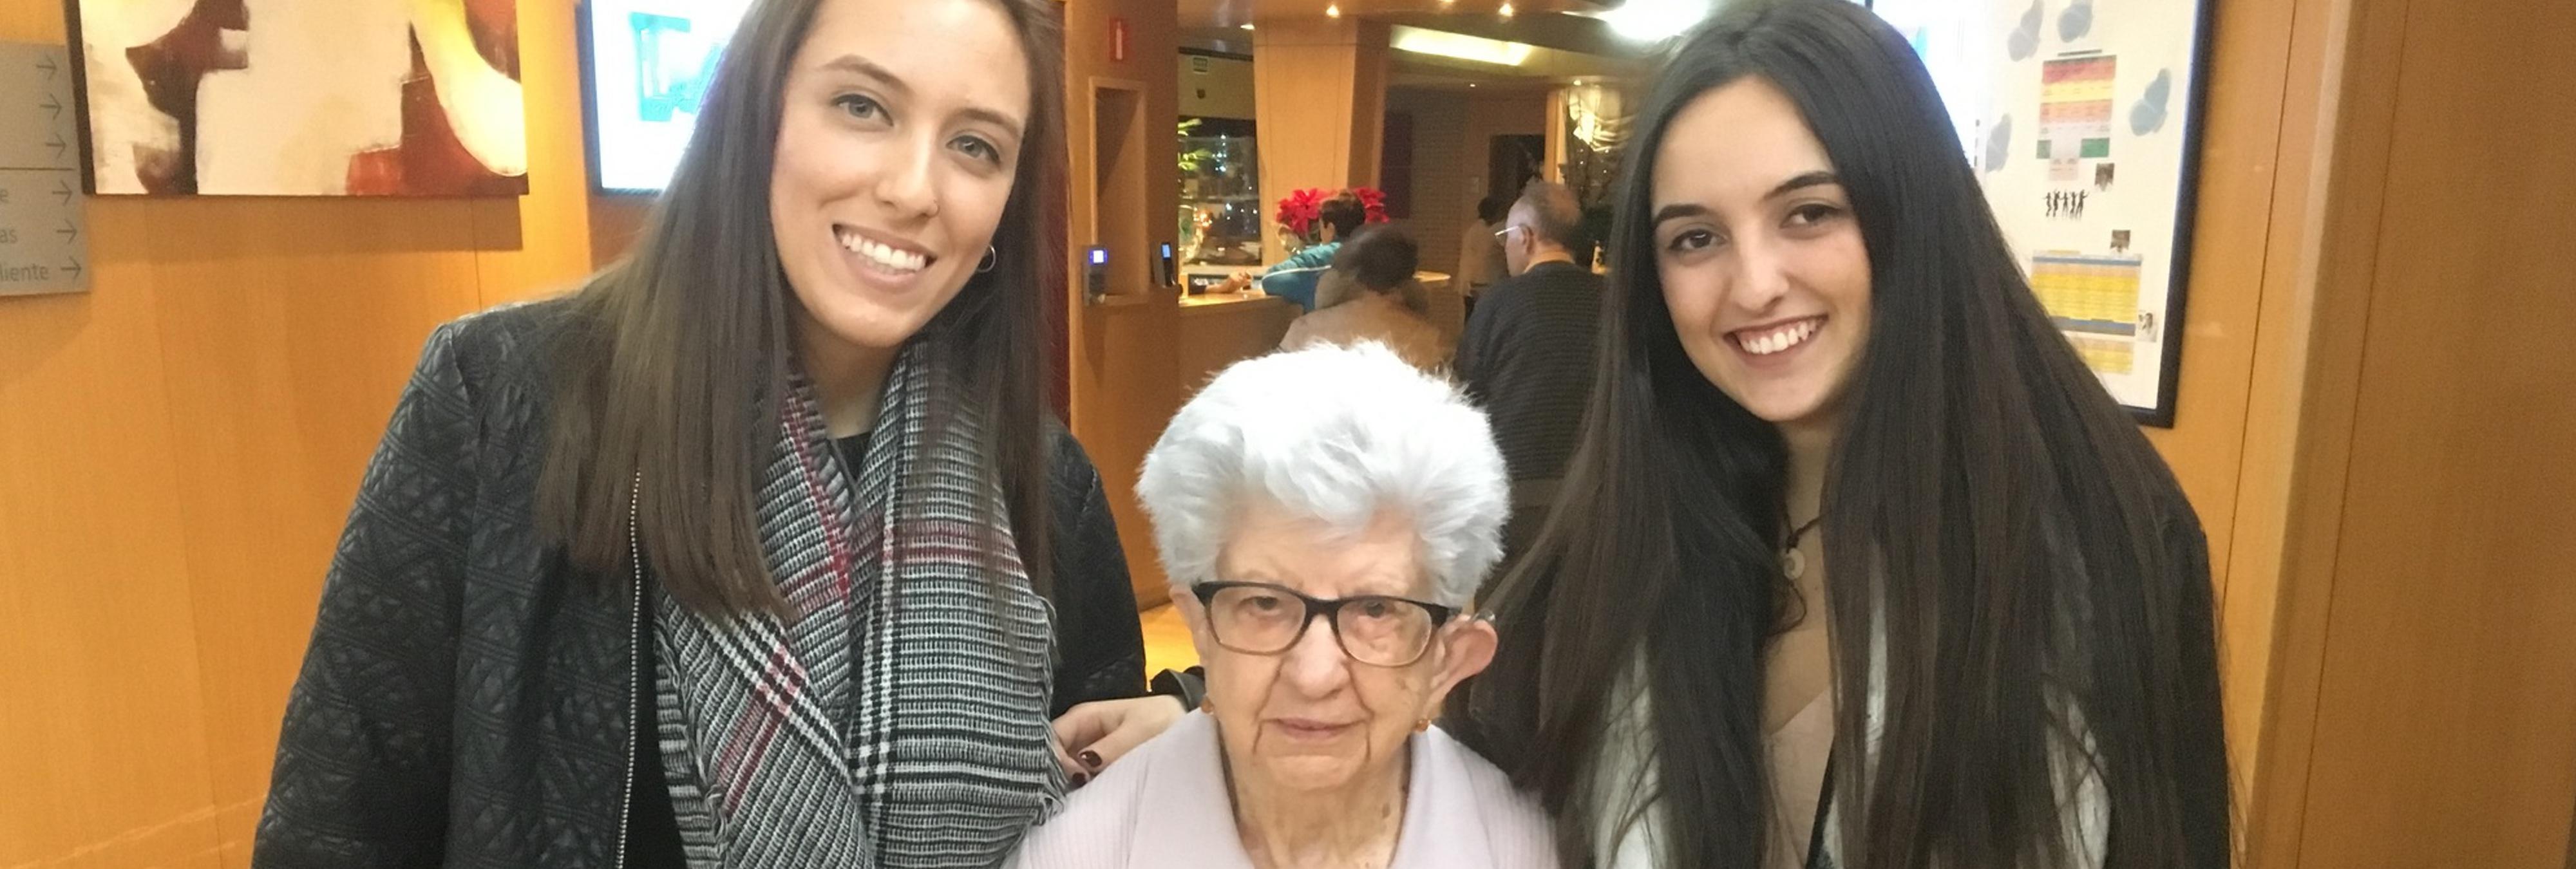 'Adopta un abuelo' la nueva iniciativa para combatir la soledad de nuestros mayores